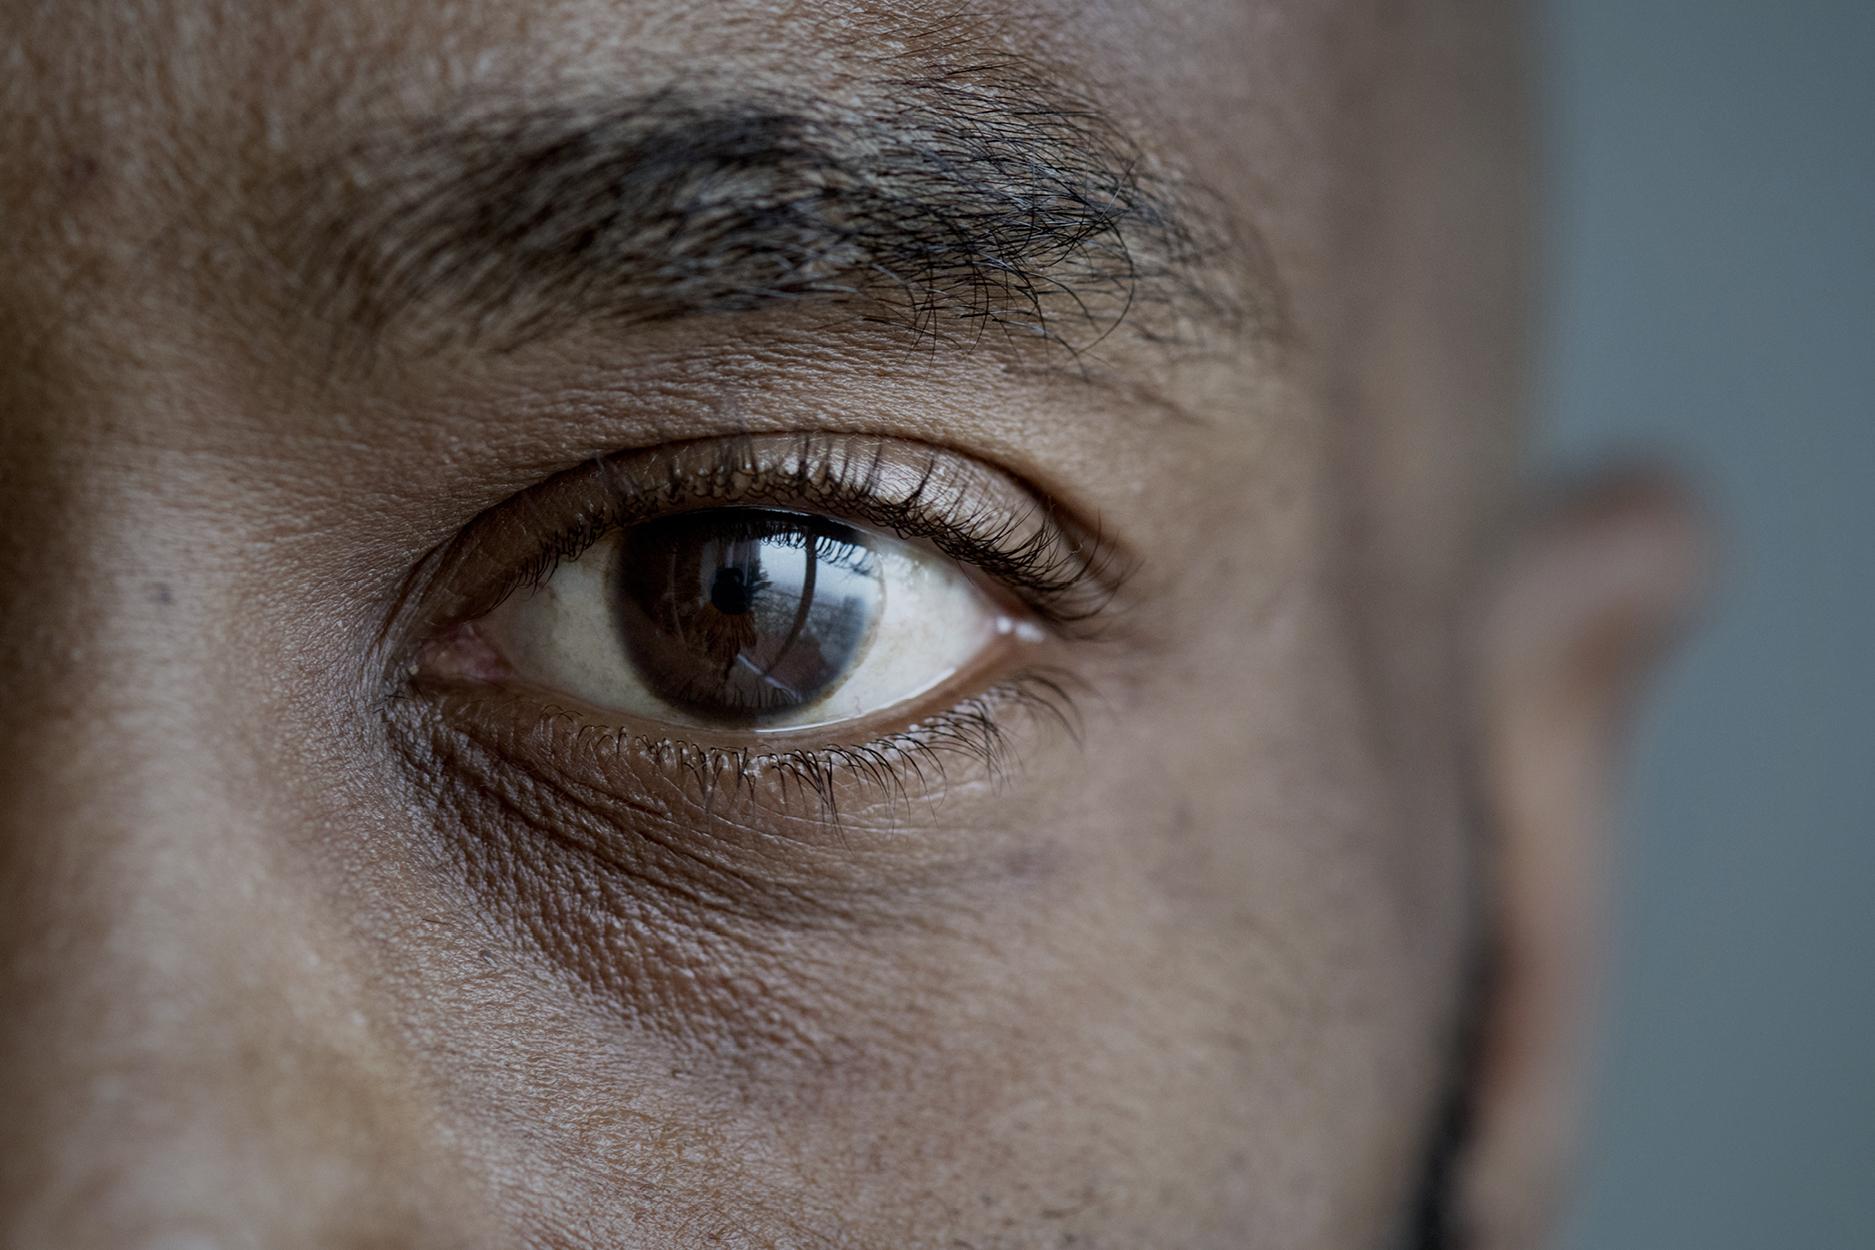 Avala-WebImages-Health-Ophthalmology2